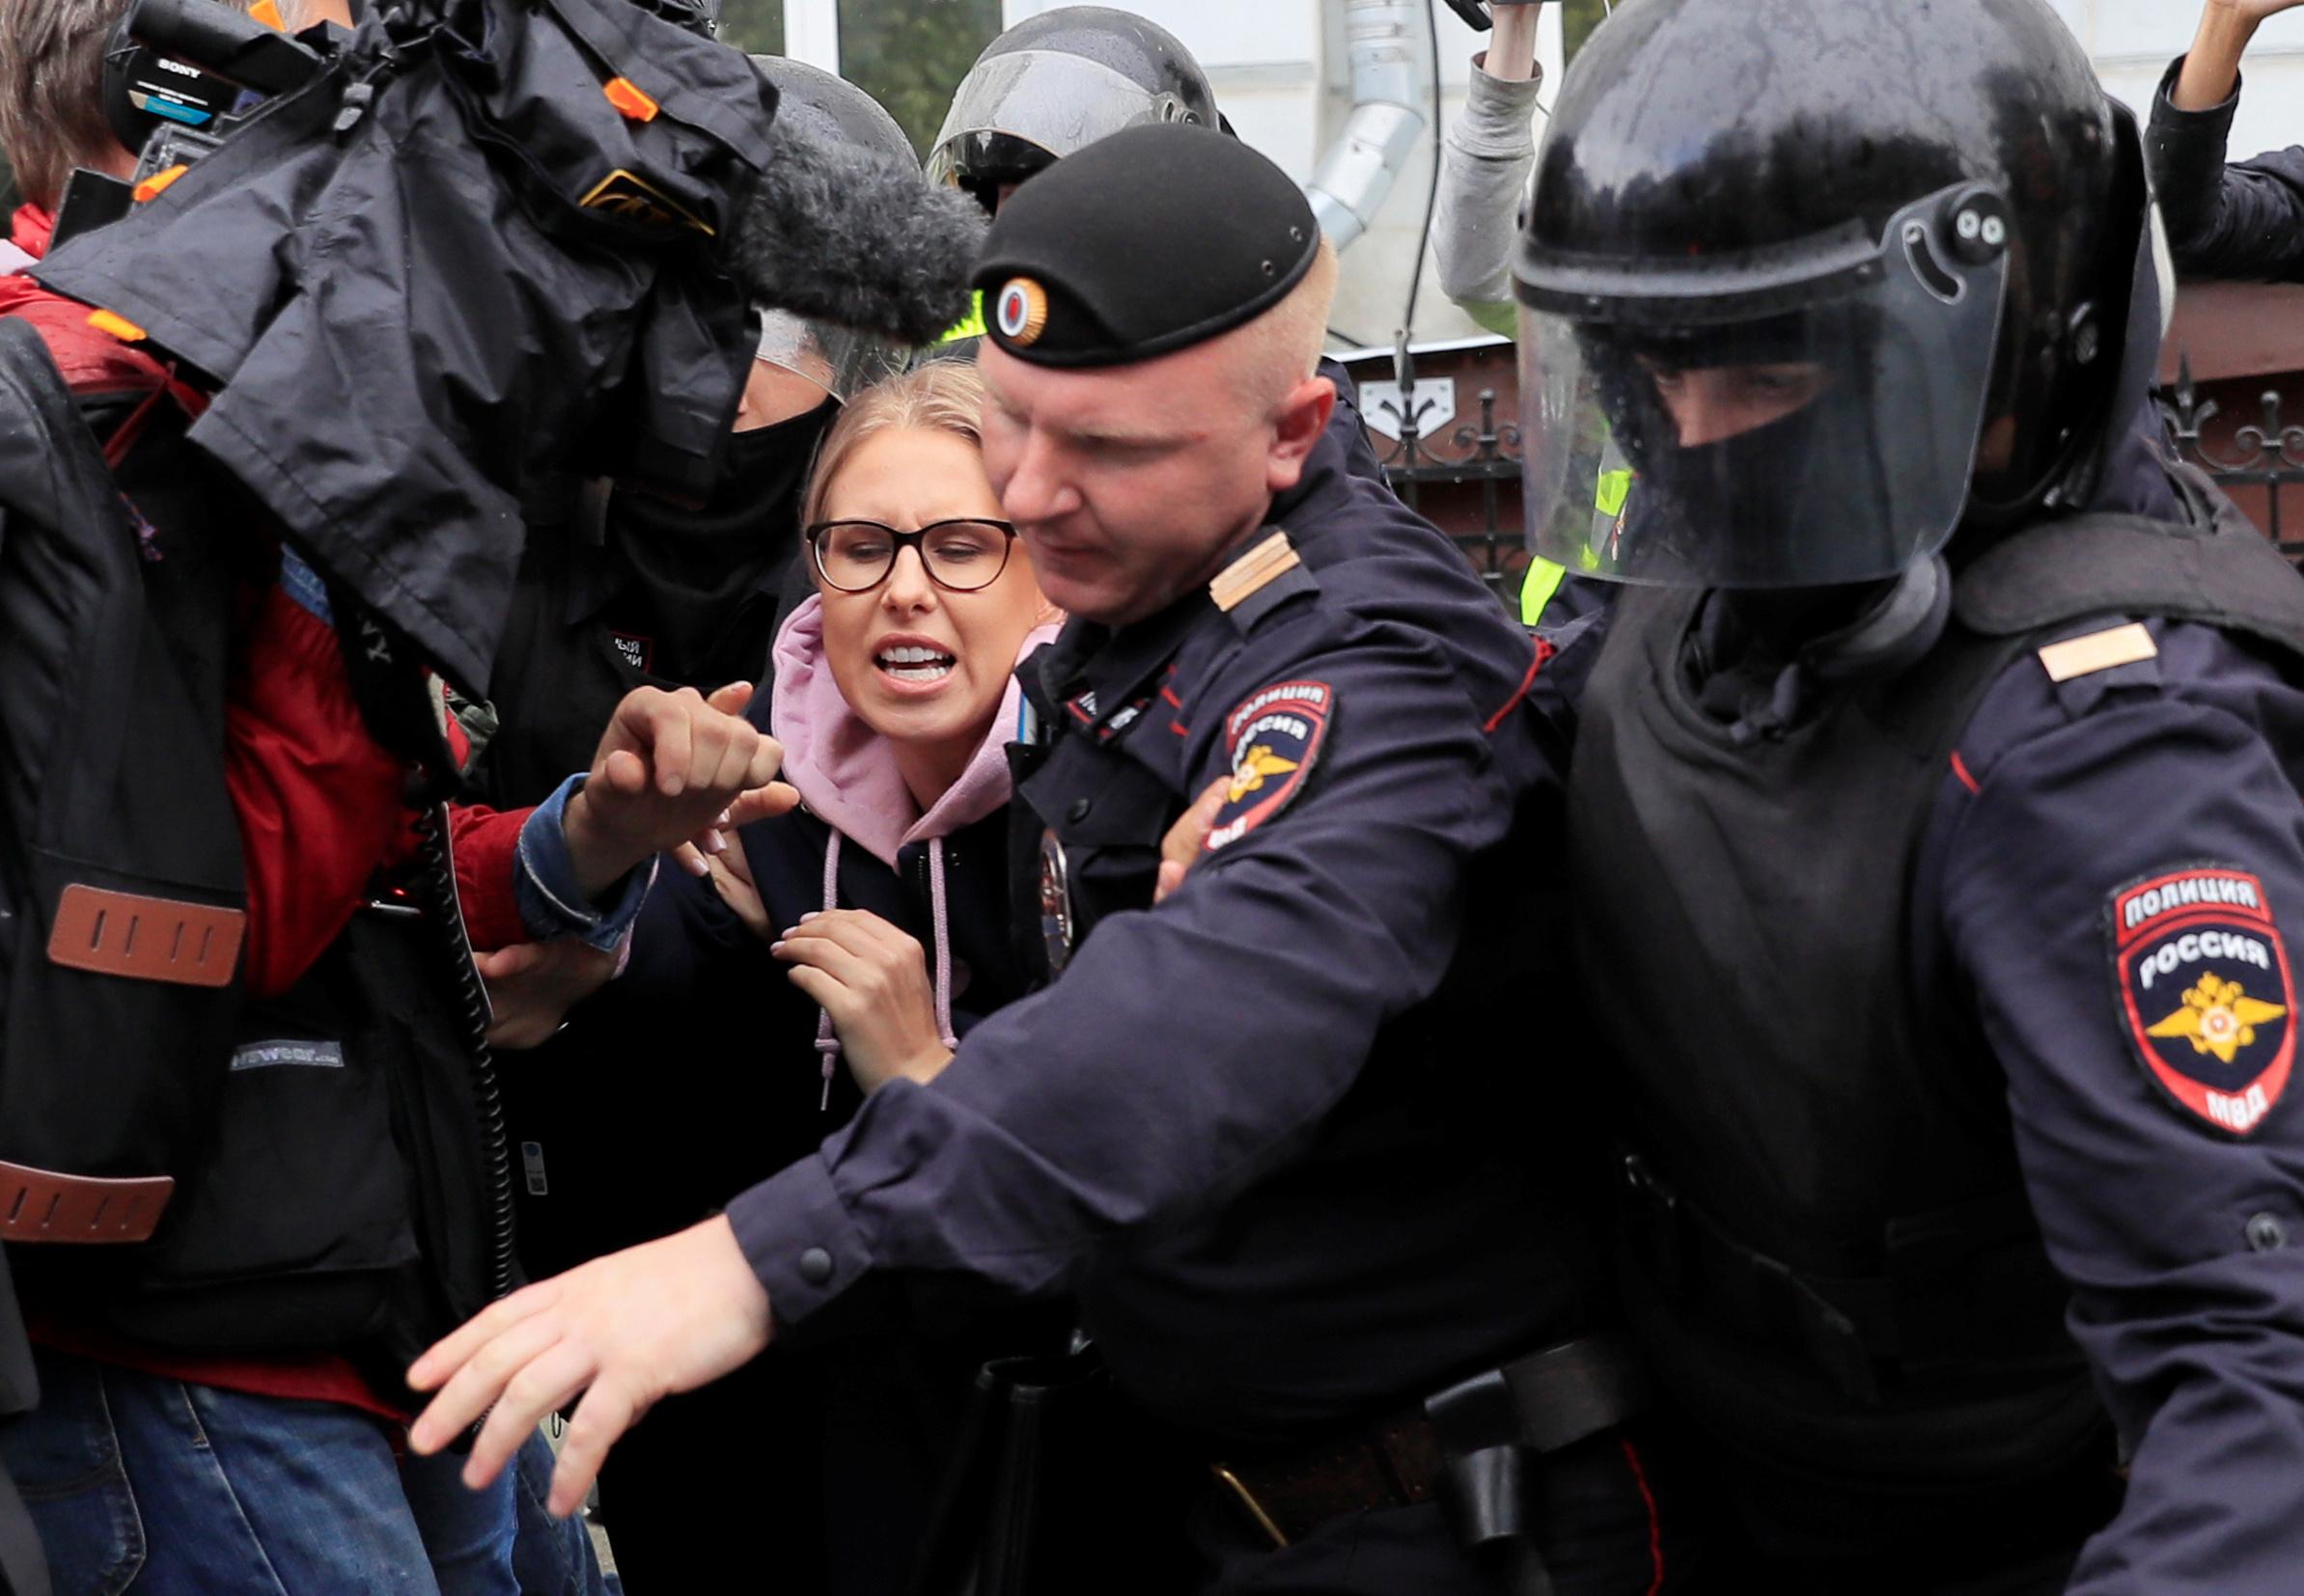 Ρωσία - σύλληψη ακτιβίστριας